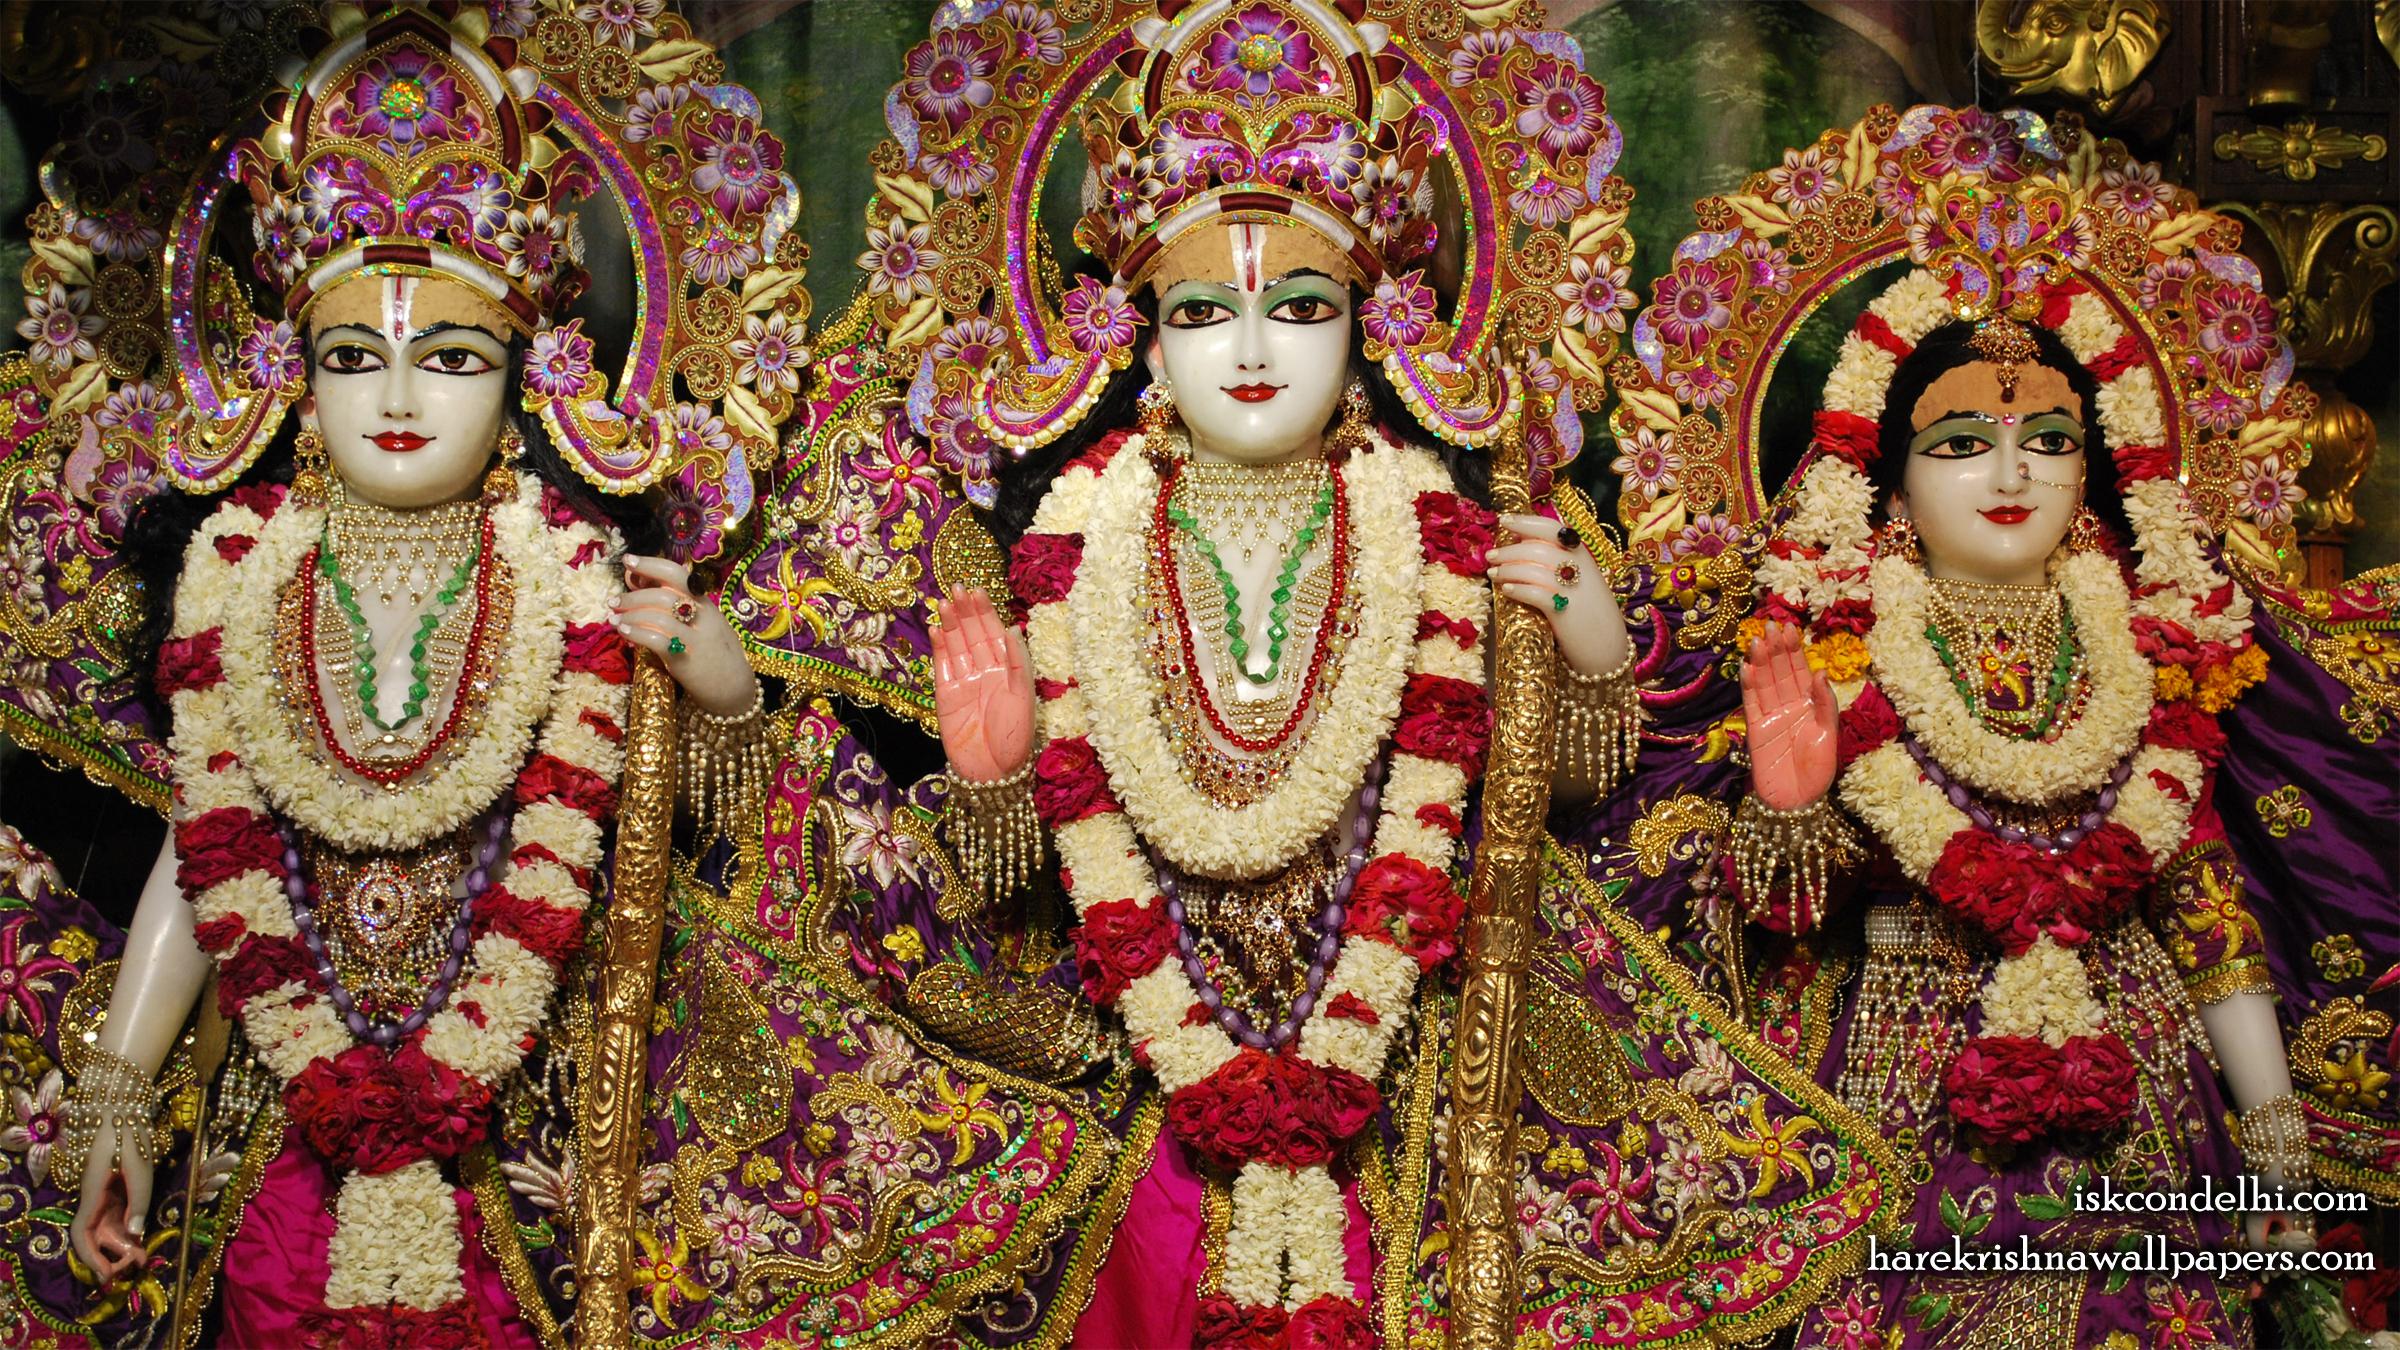 Sri Sri Sita Rama Laxman Wallpaper (007) Size 2400x1350 Download